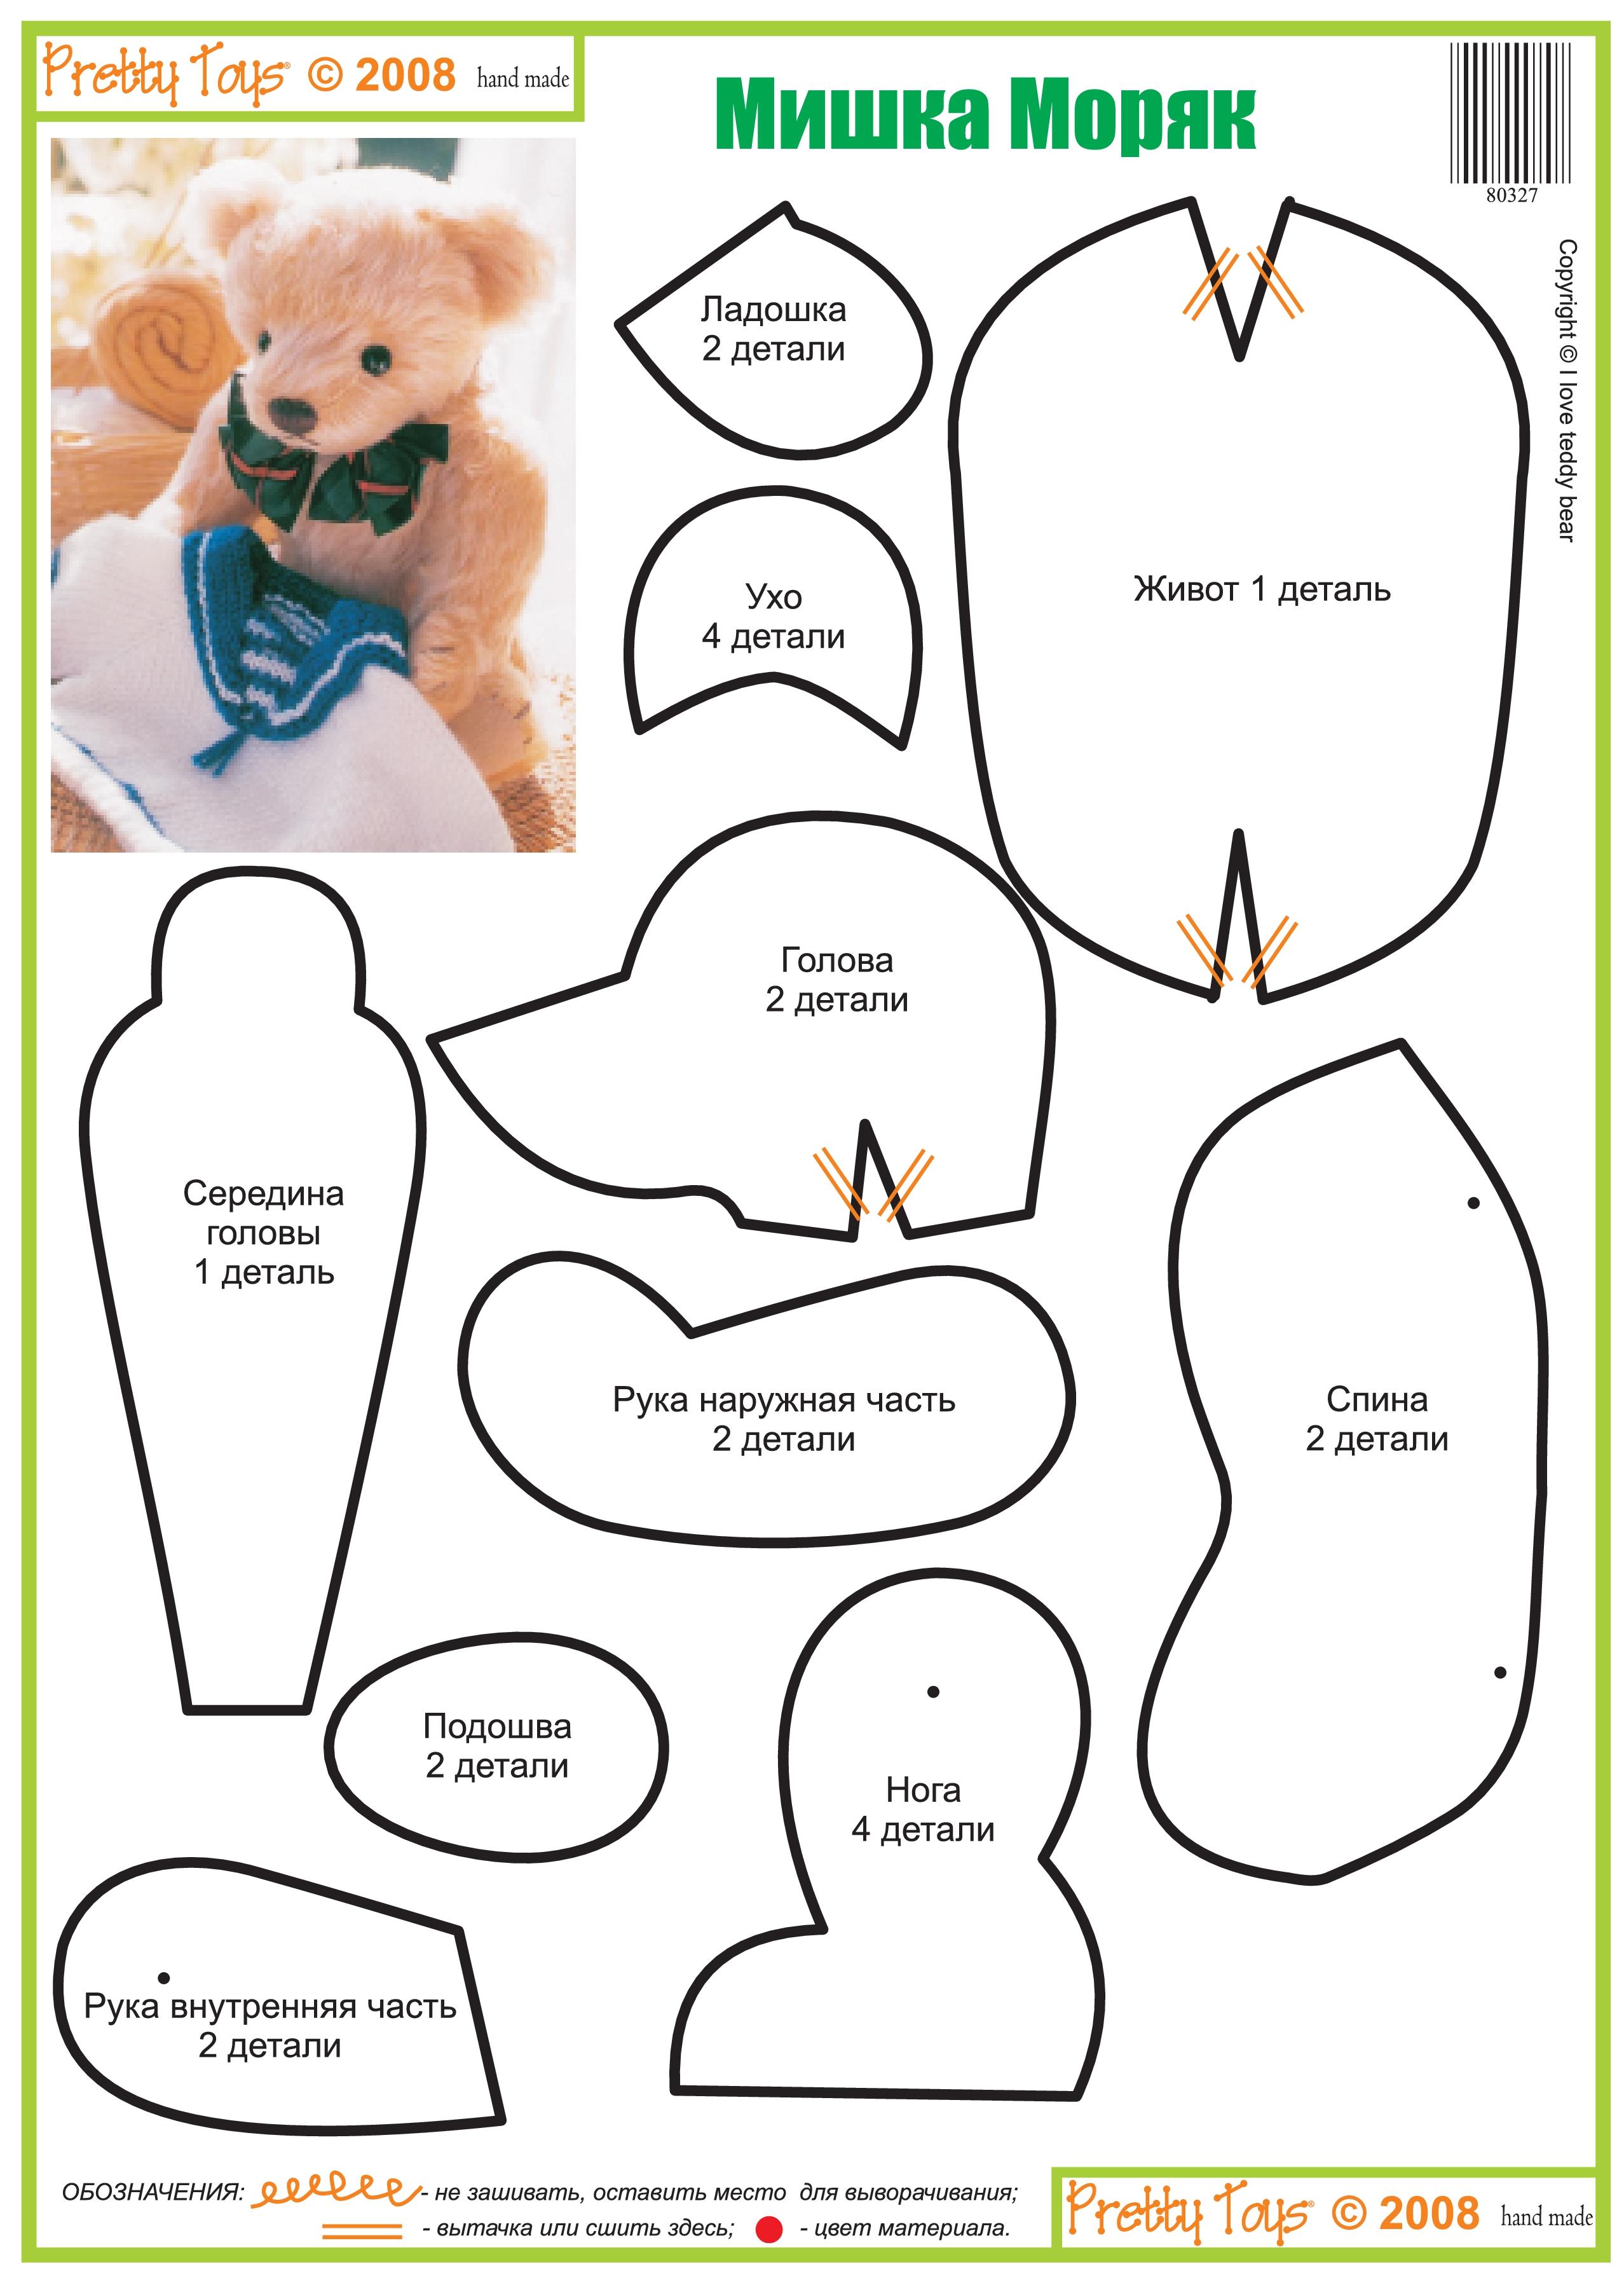 Как сделать выкройку медведя и сшить плюшевую и мягкую игрушку своими 87